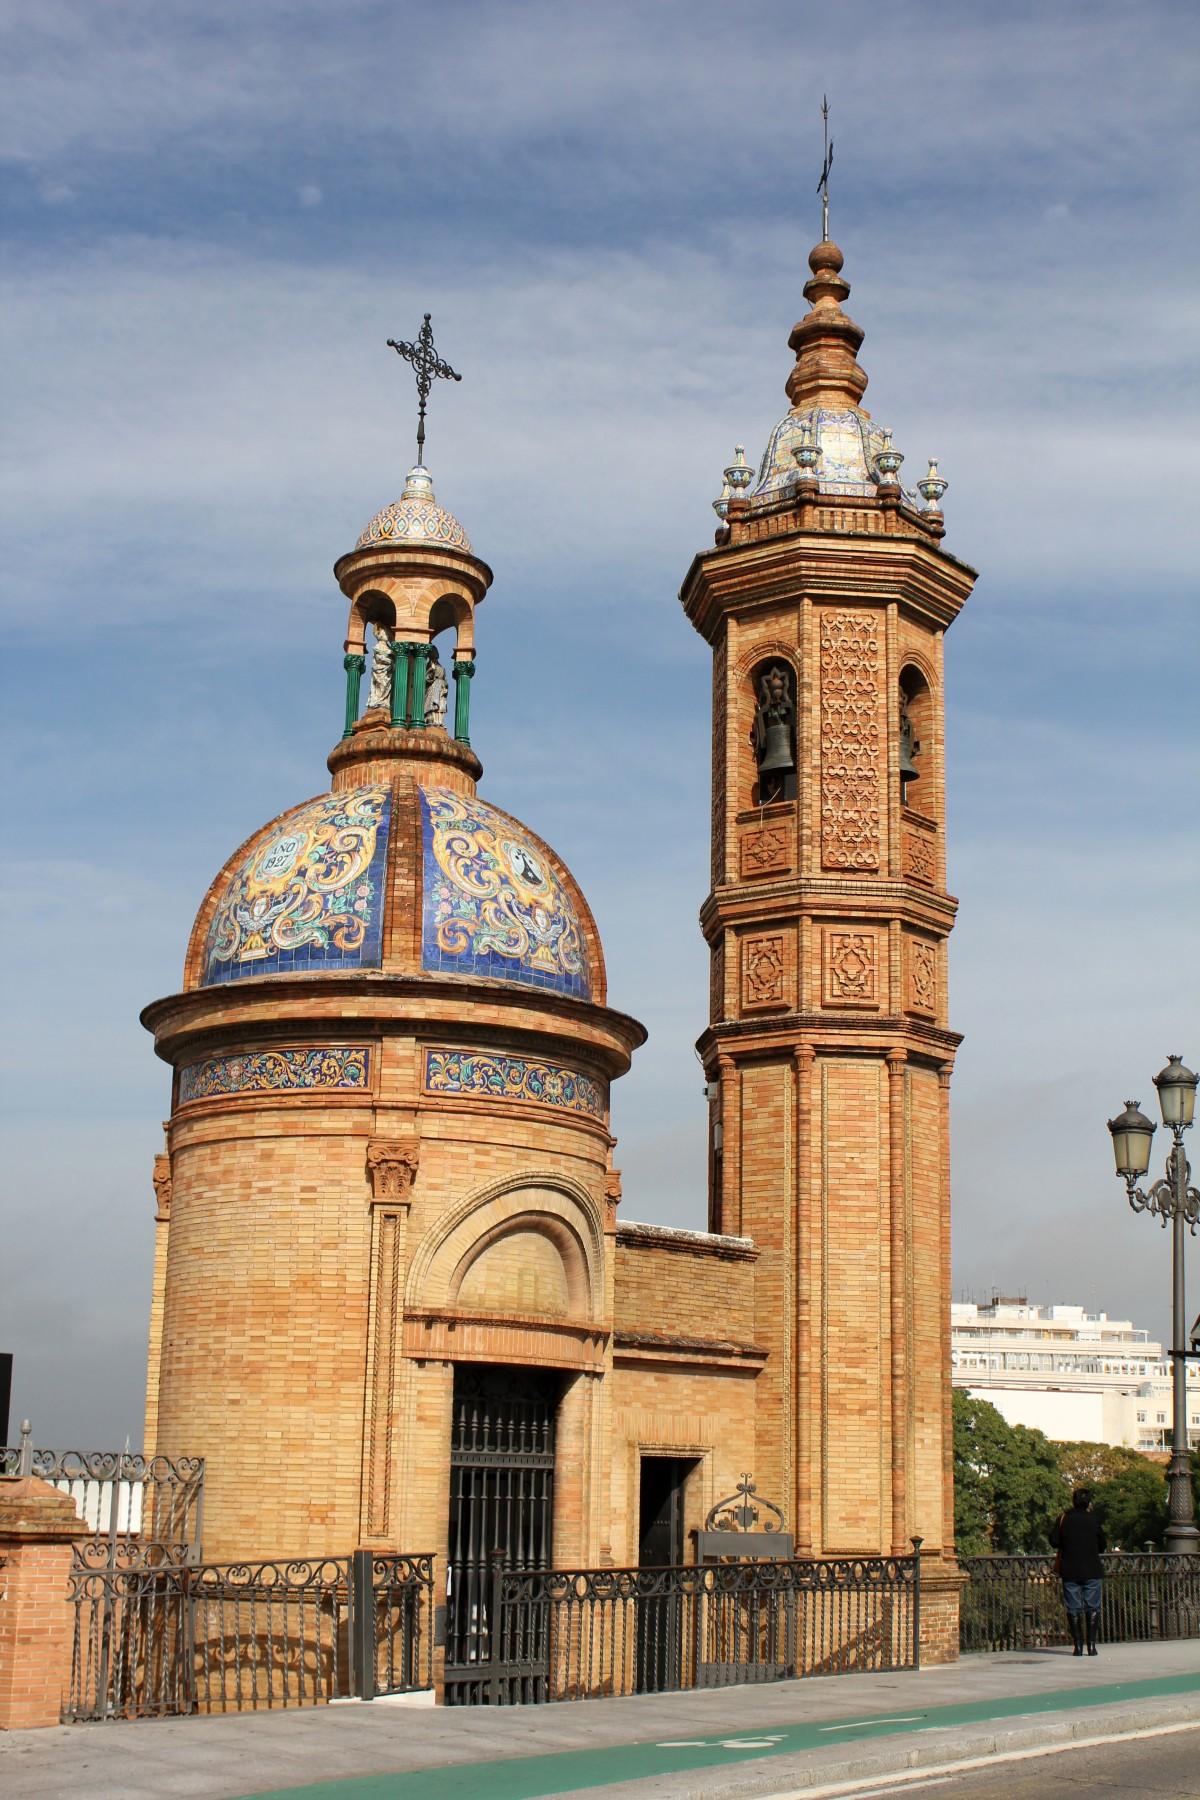 Fotos gratis arquitectura edificio torre religi n for Arquitectura sevilla